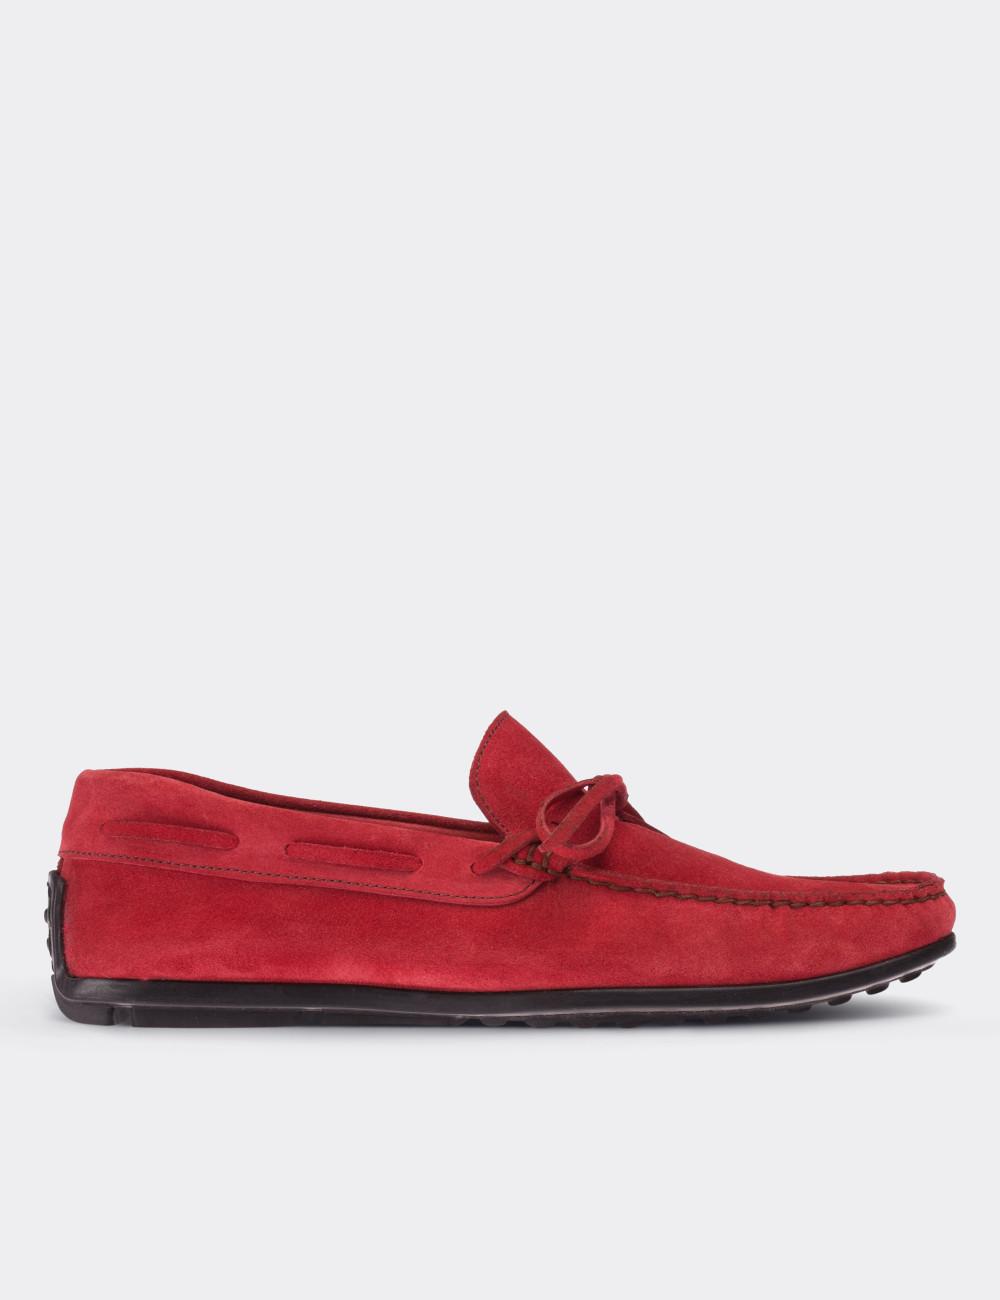 Hakiki Süet Kırmızı Loafer Erkek Ayakkabı - 01647MKRMC01